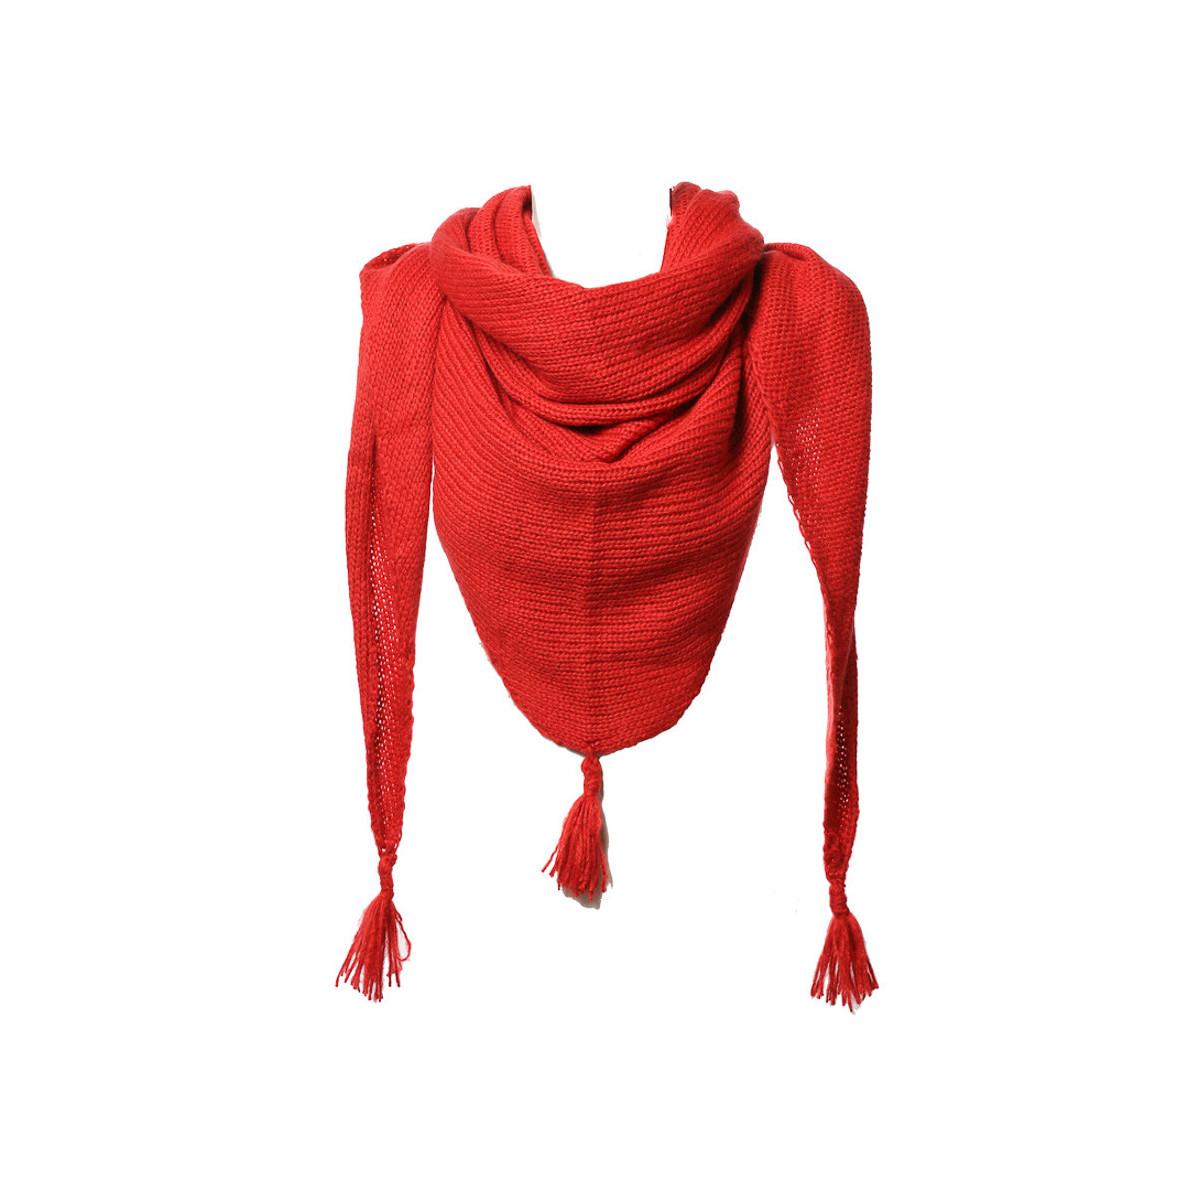 Etole echarpe triangle laine rouge